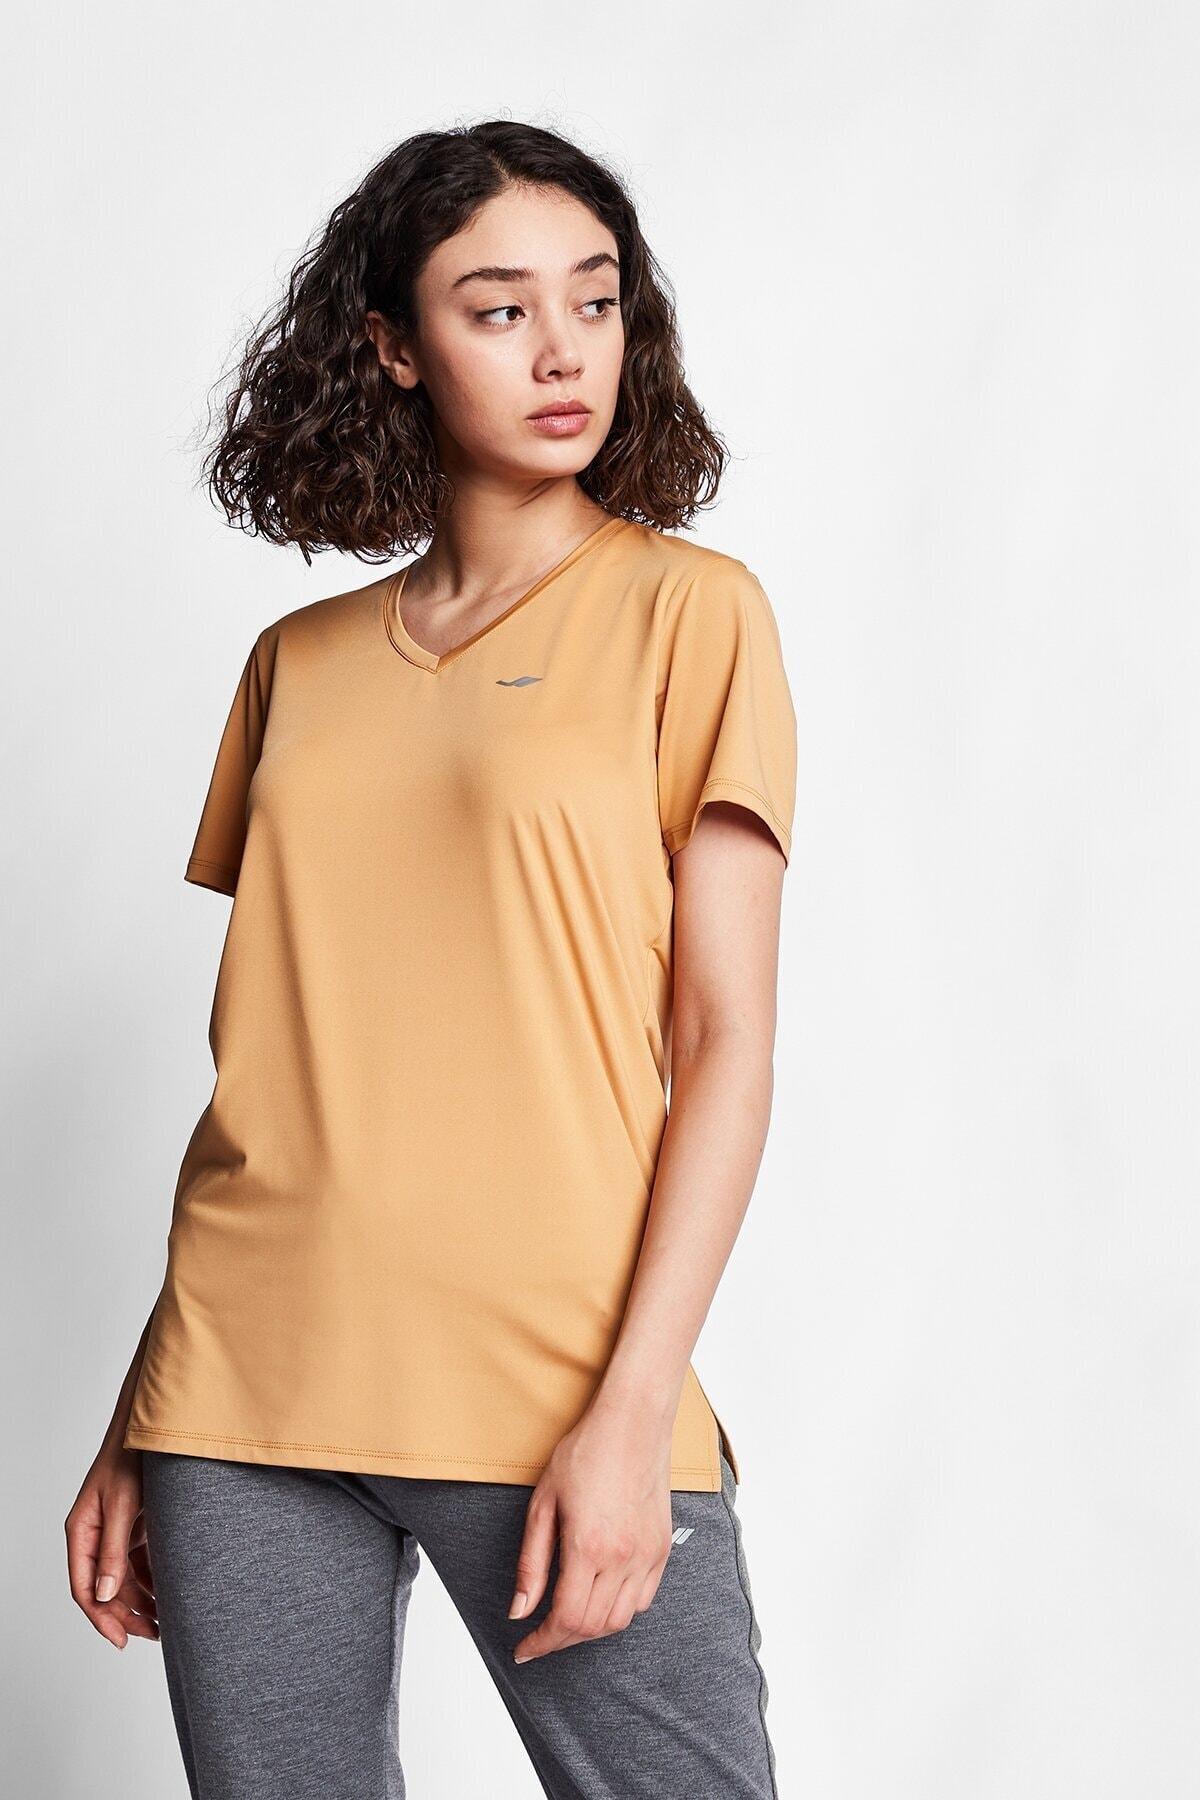 Lescon Karamel Kadın Kısa Kol T-shirt 20s-2208 1